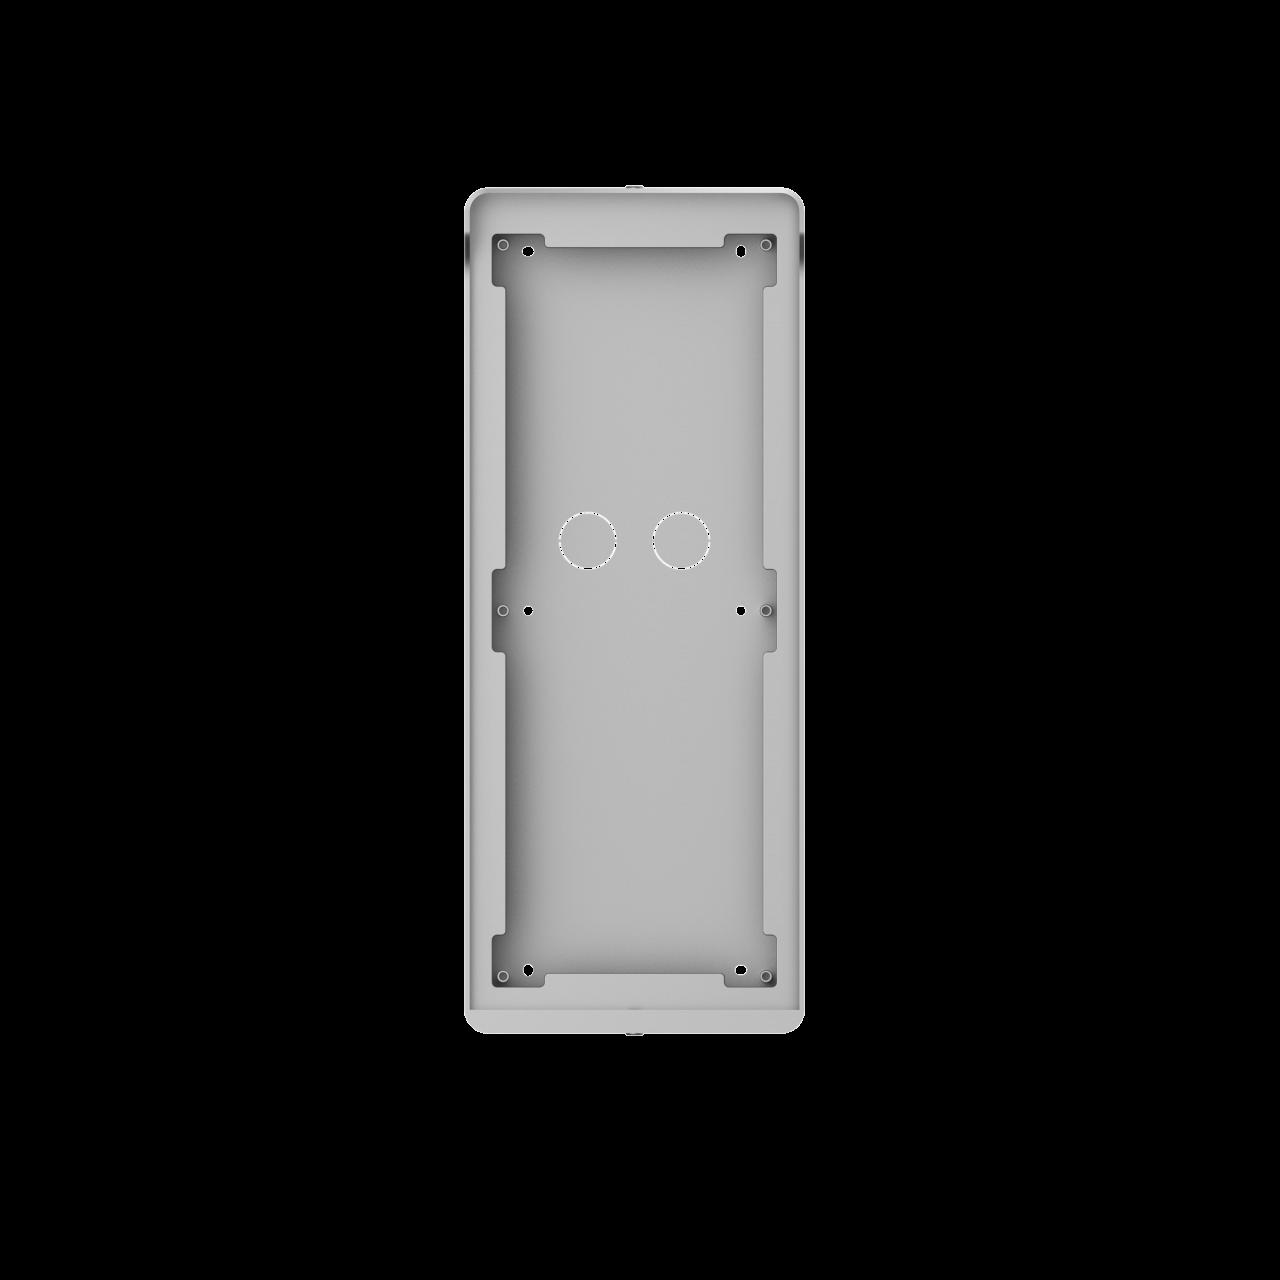 TURM IP Video Türsprechanlage Aufputz Montagerahmen für die modulare Außenstation mit drei Modulen